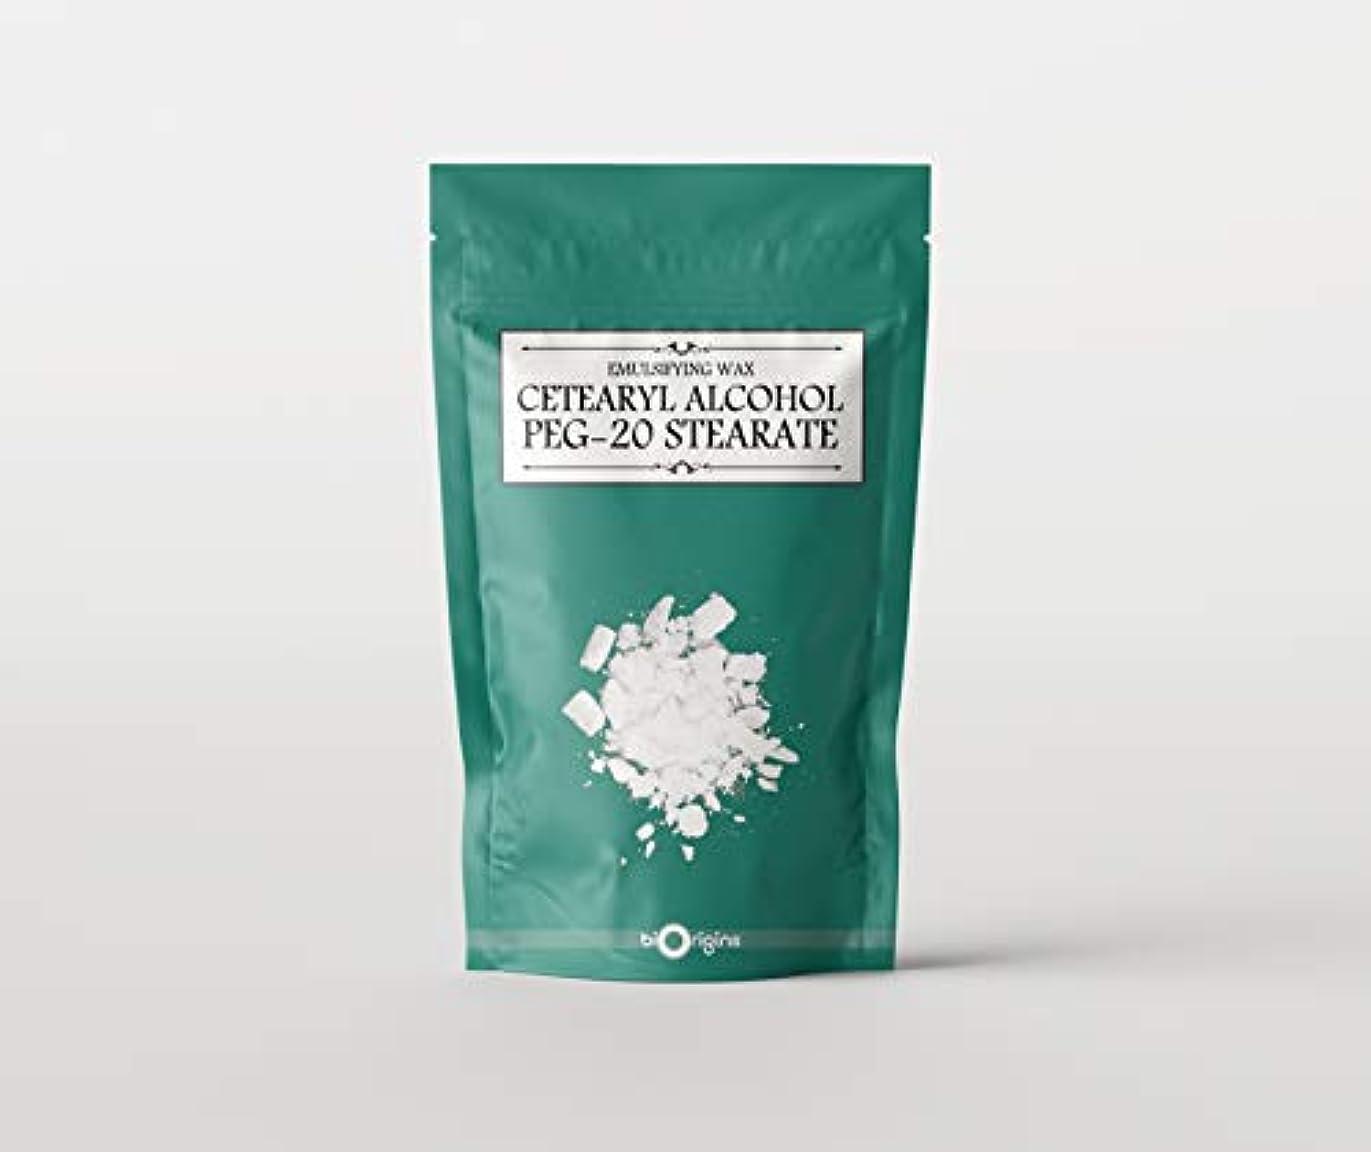 ラオス人些細なぐったりEmulsifying Wax (Cetearyl Alcohol/PEG-20 Stearate) 500g